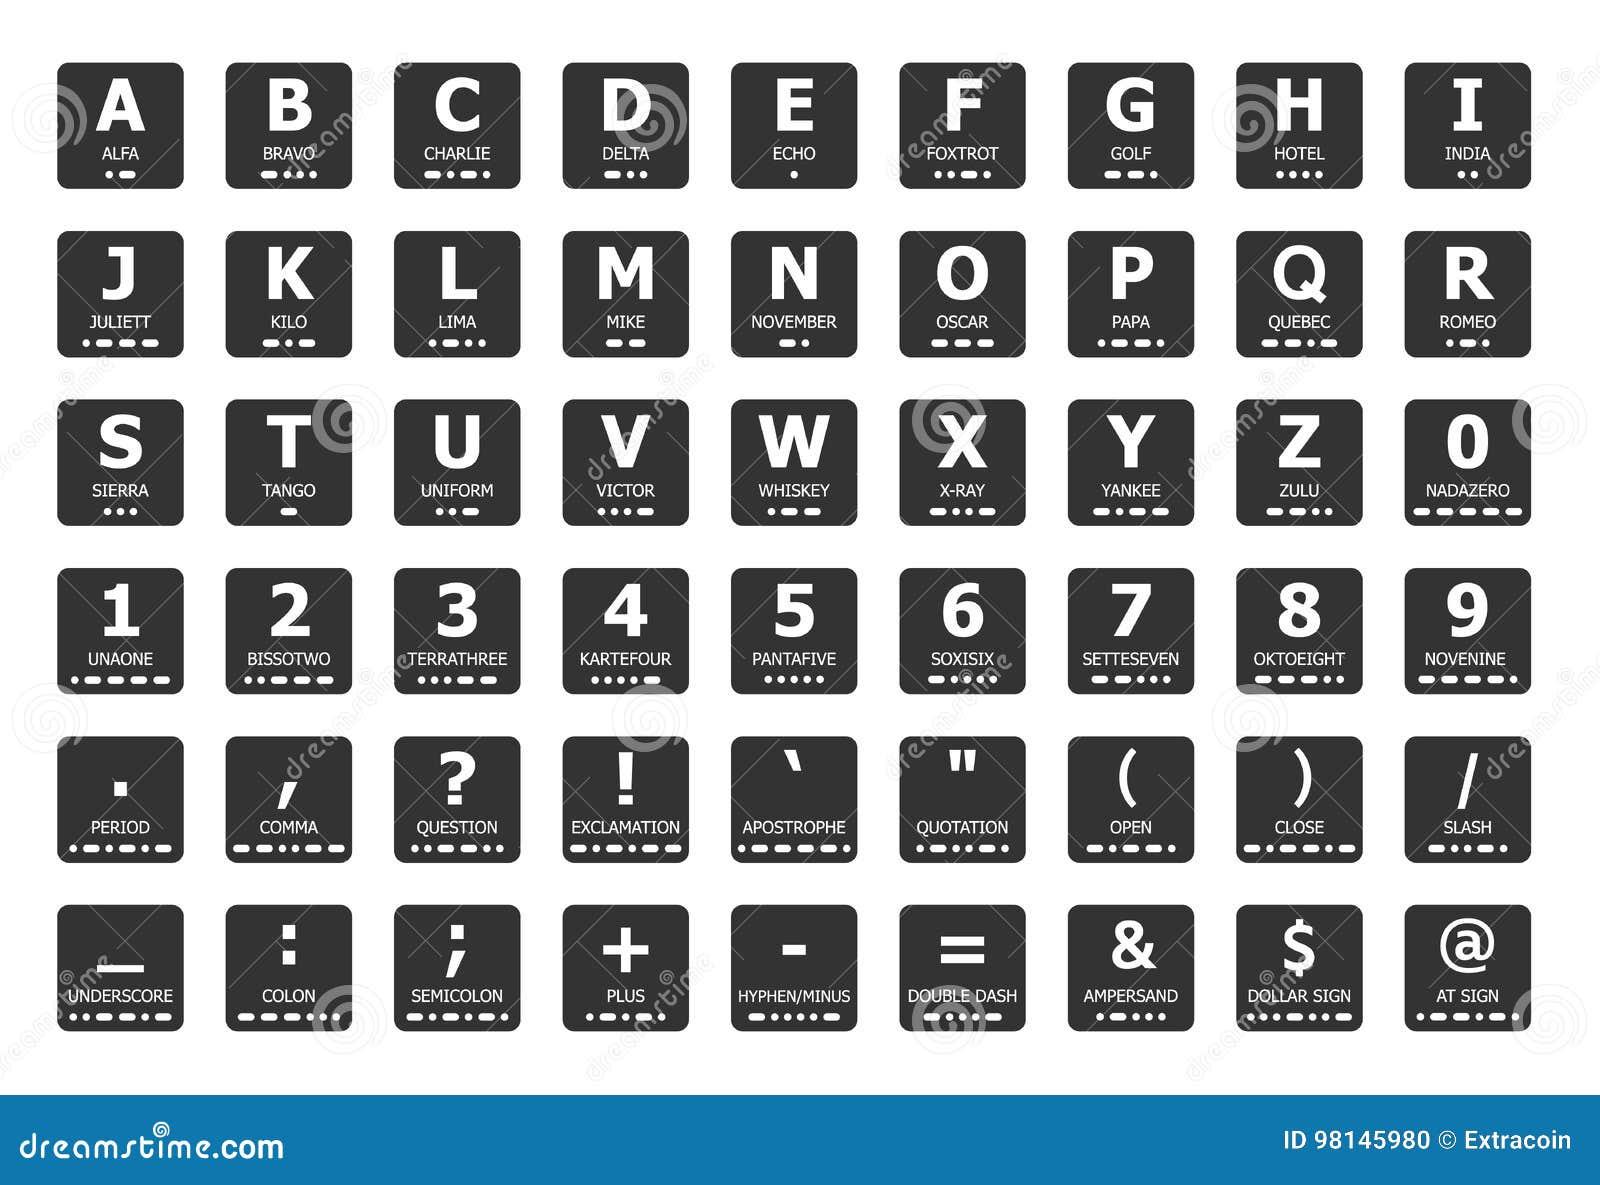 Азбука Морзе и алфавит НАТО фонетический